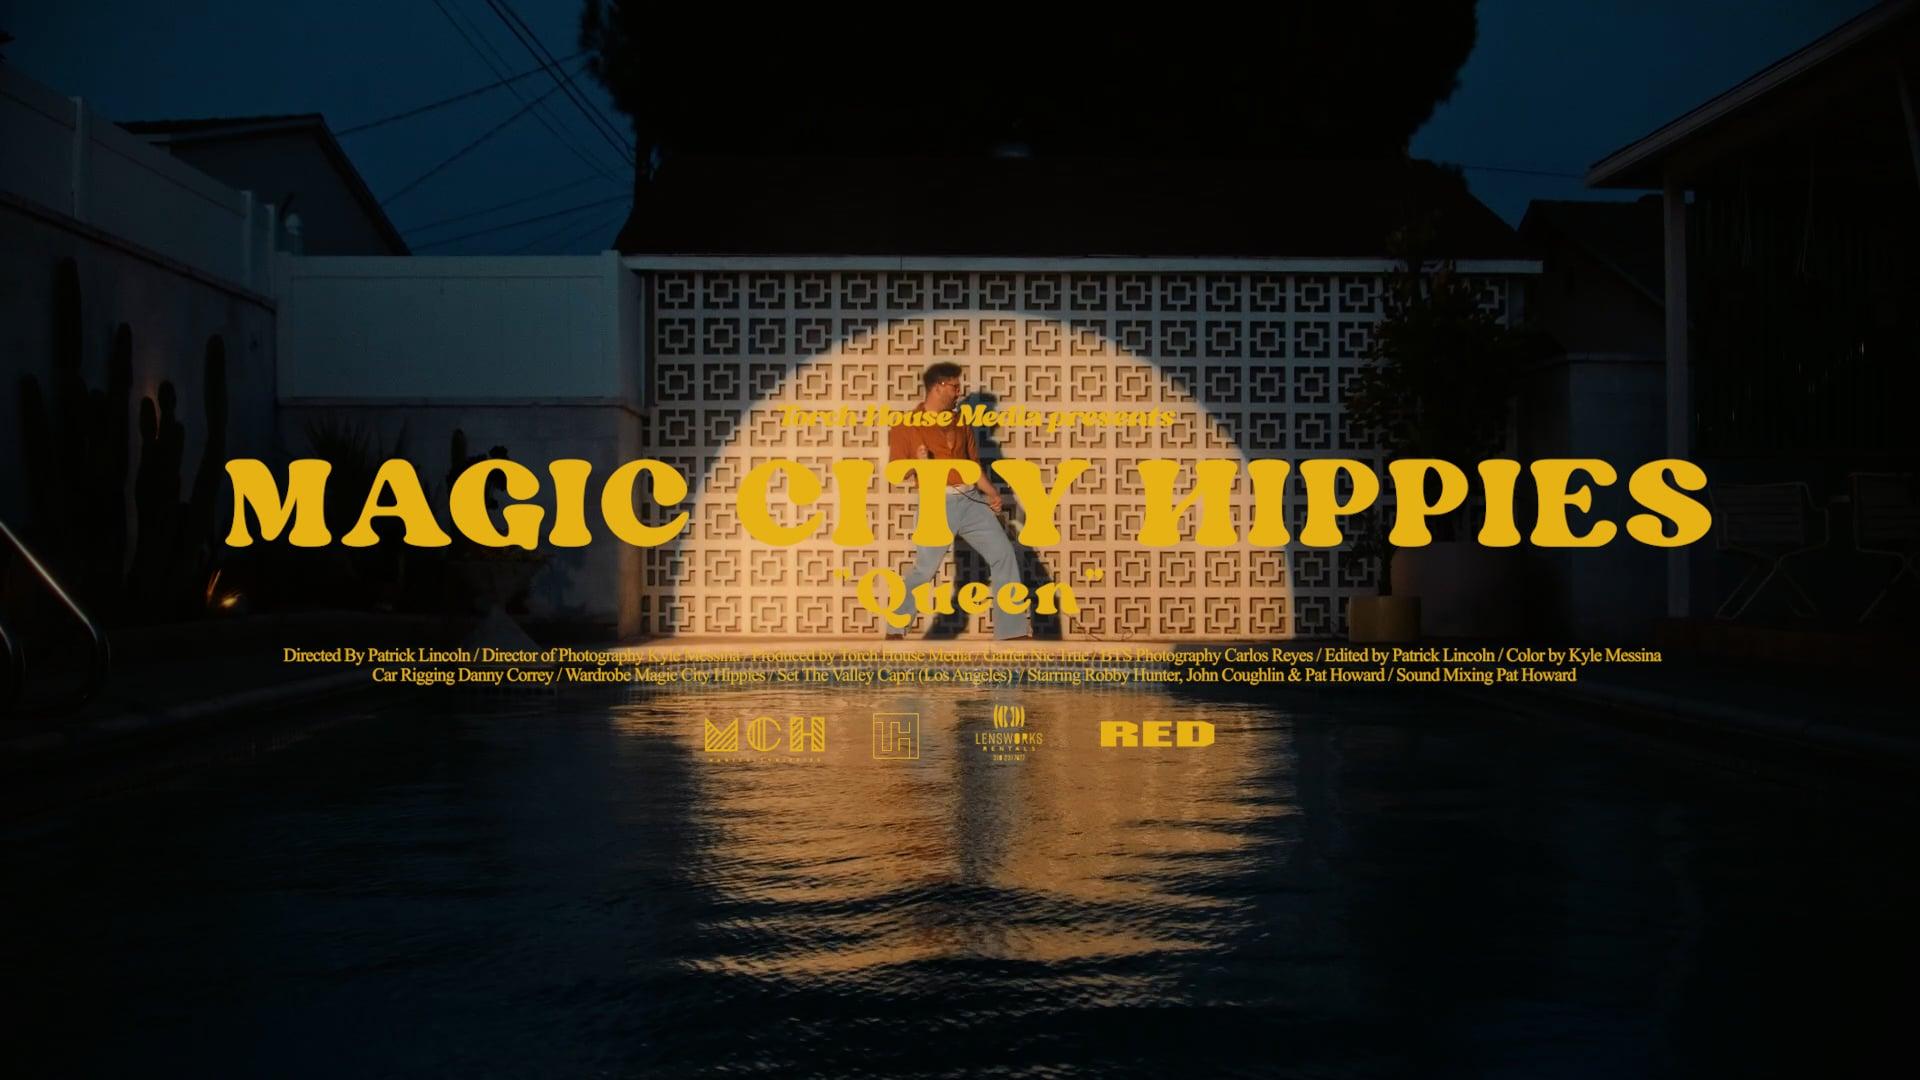 Magic City Hippies - Queen